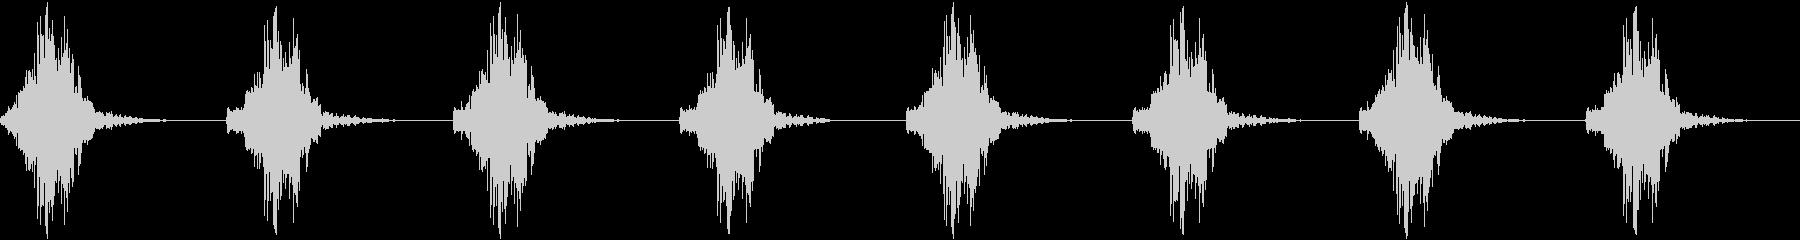 ビッグウォーク・ストンプスドラゴン...の未再生の波形